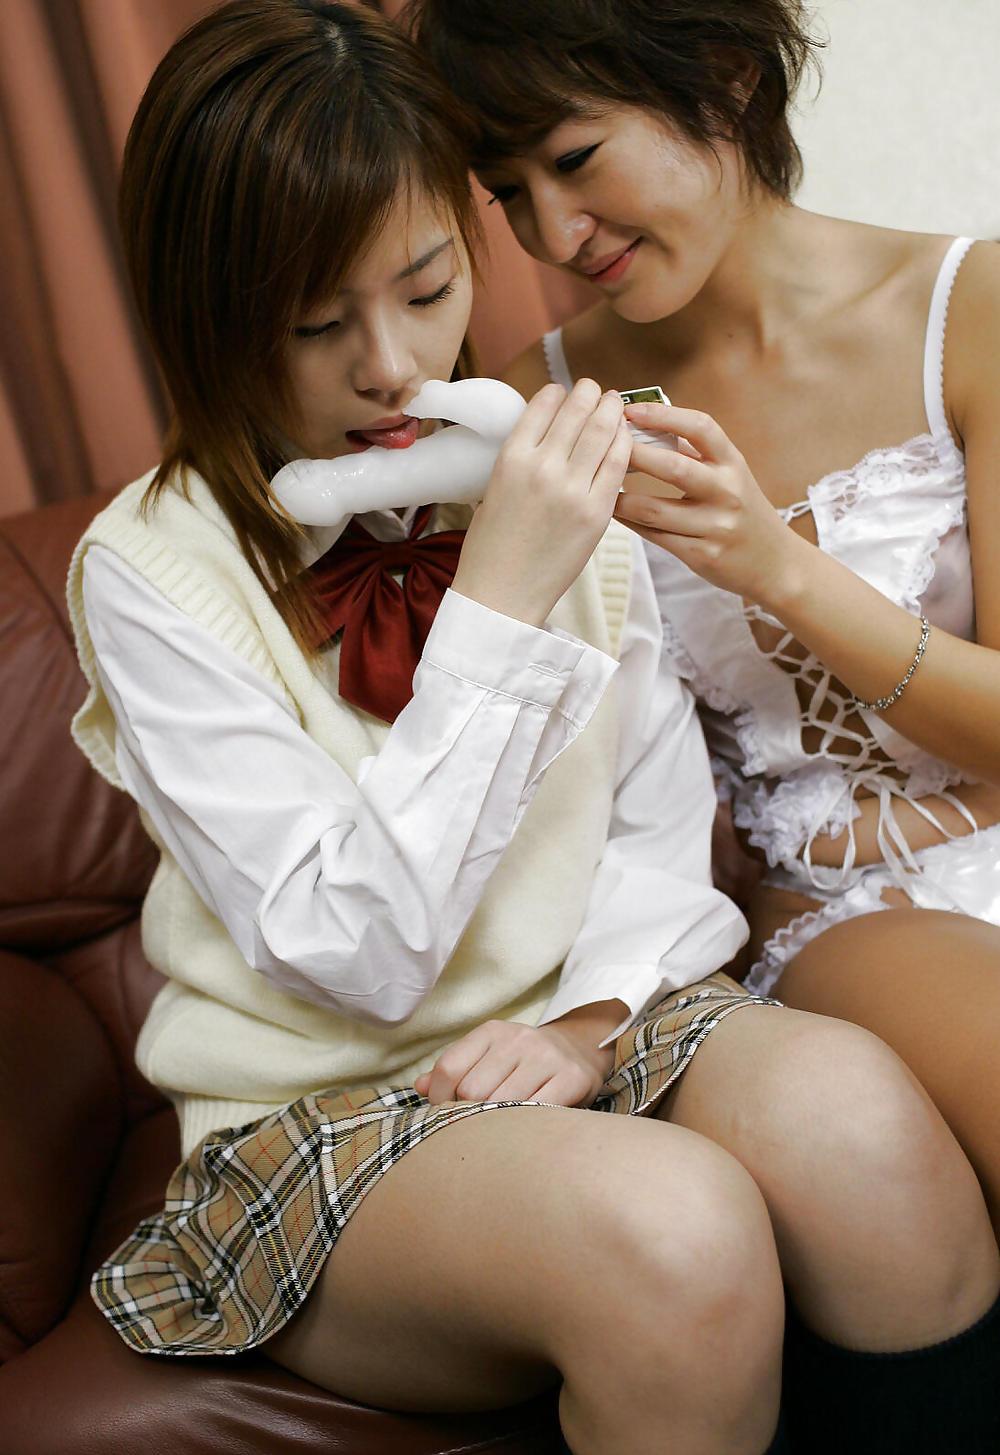 Hot japanese lesbian porn